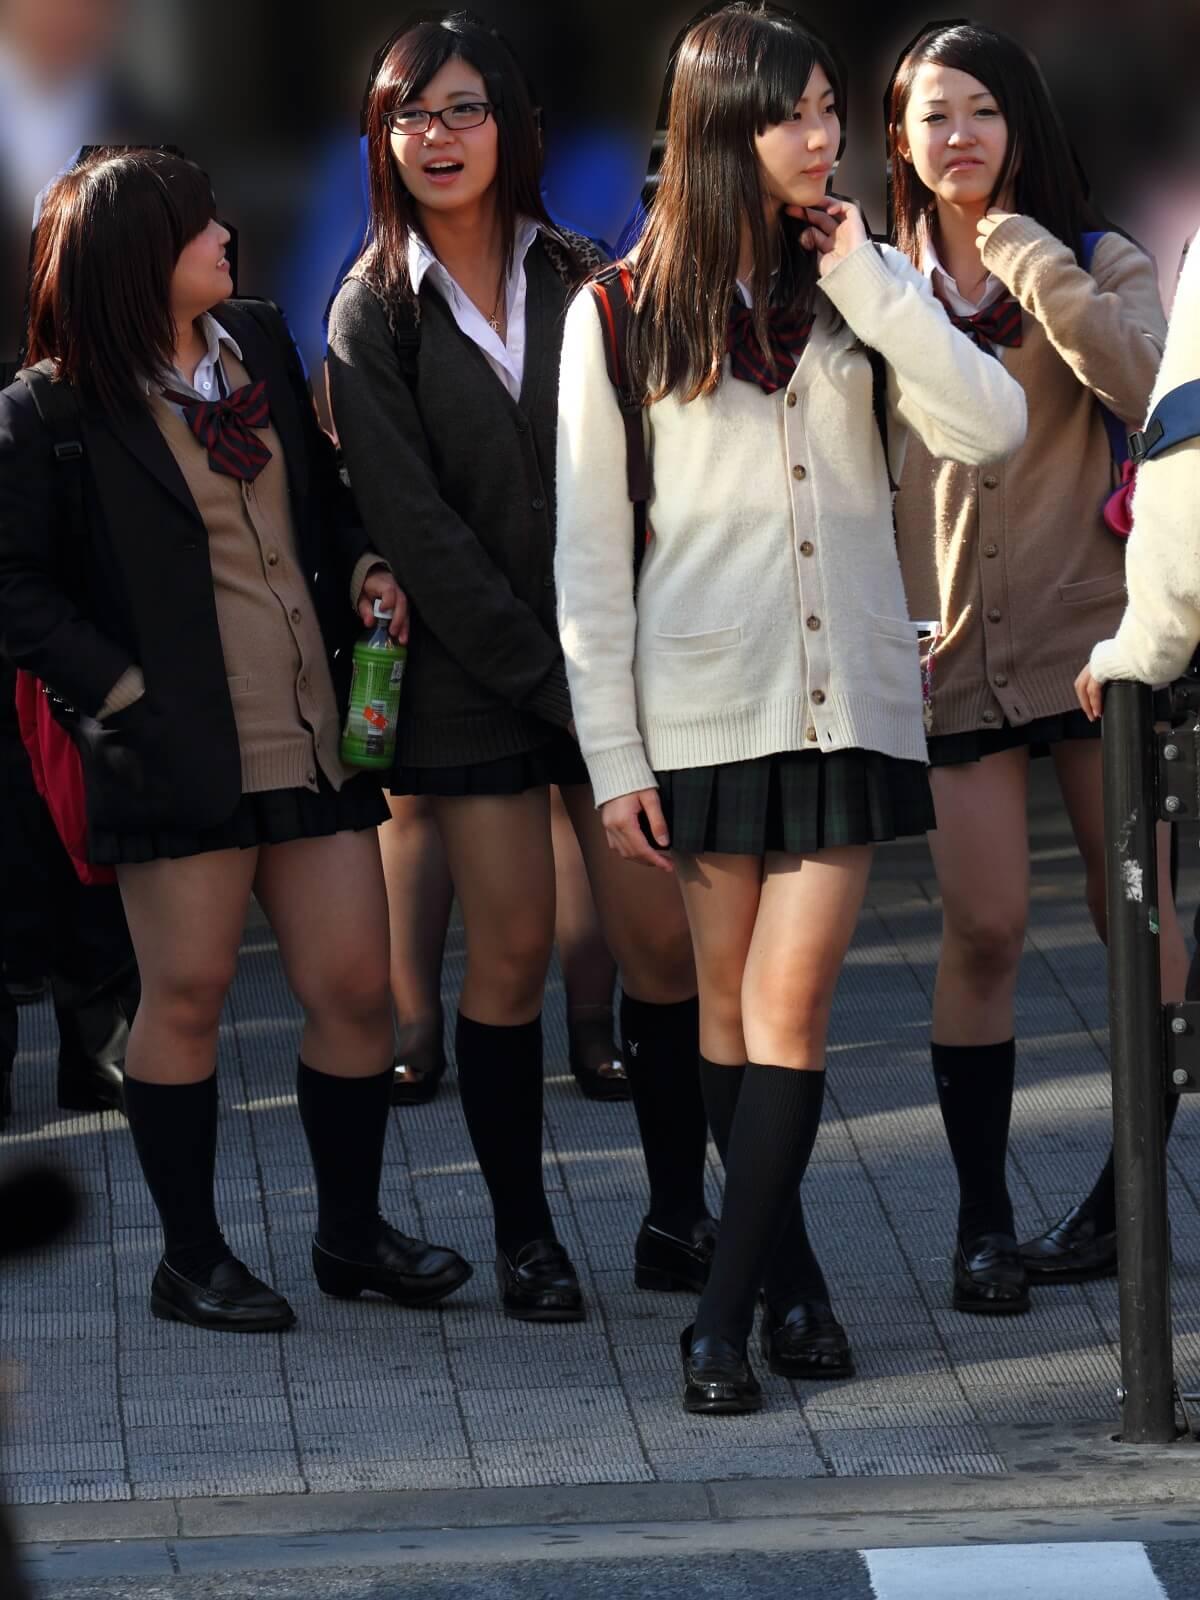 【画像】通学中の女子高生をこっそり撮影奴ww